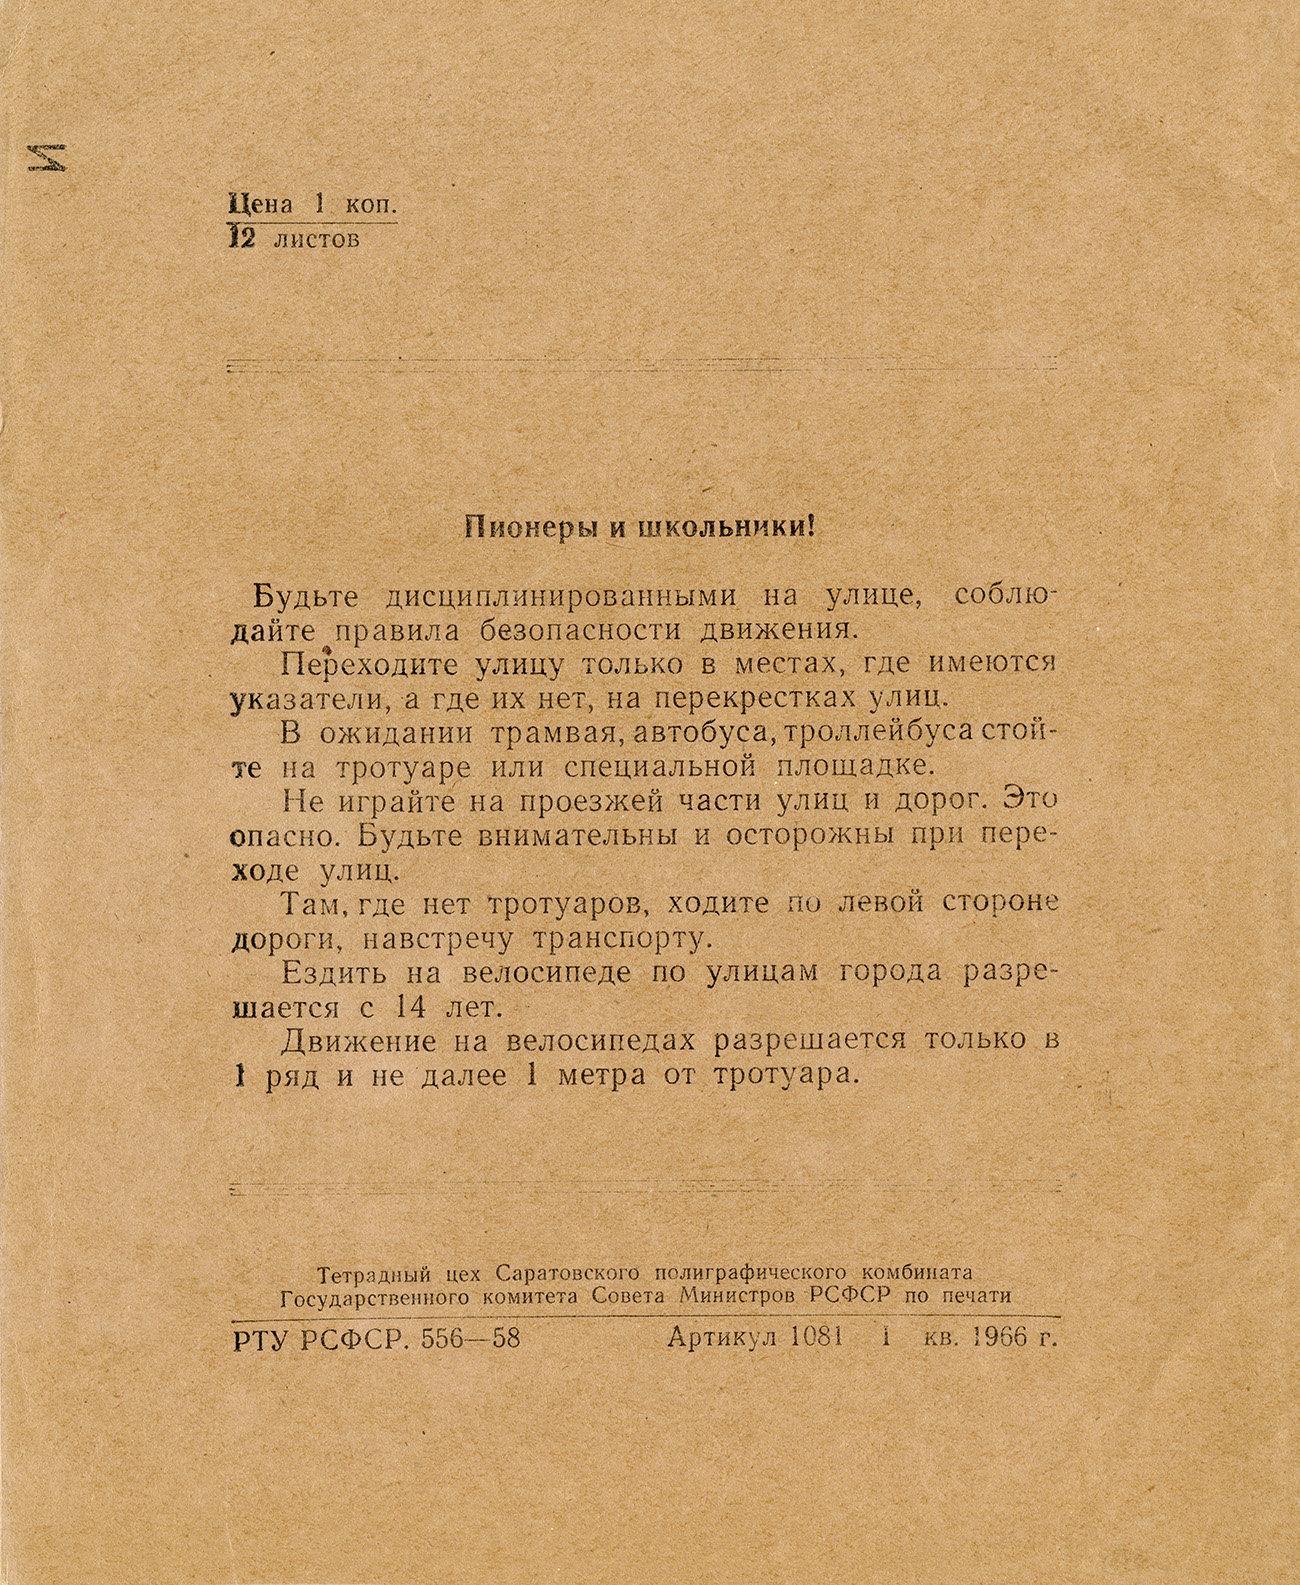 Тетрадь Саратовский полиграф-комбинат, 1966 г., оборот